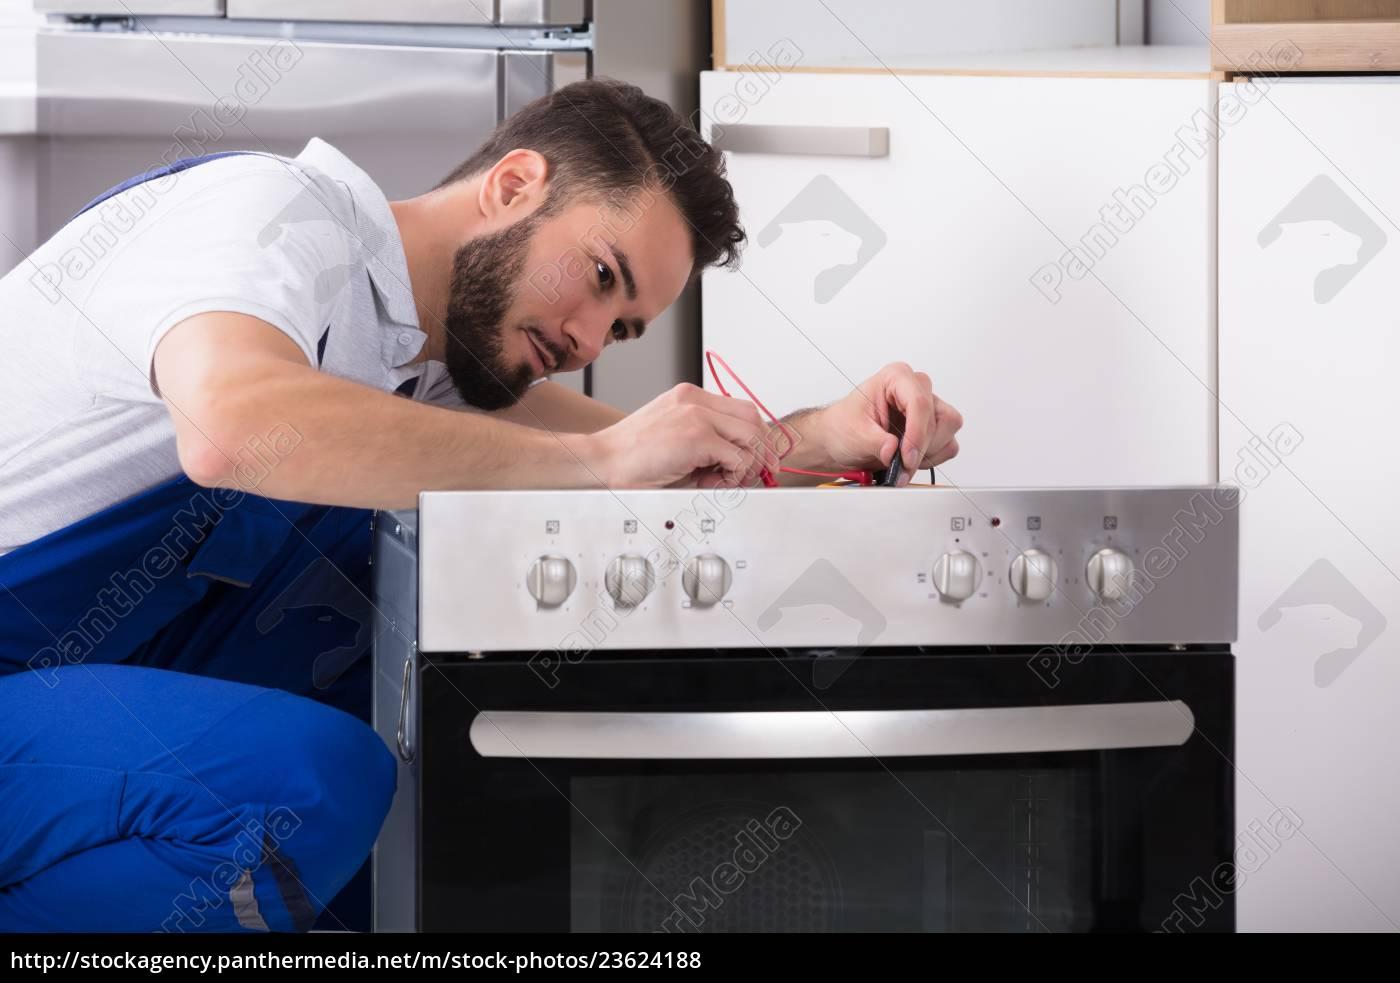 repairman, repairing, oven - 23624188